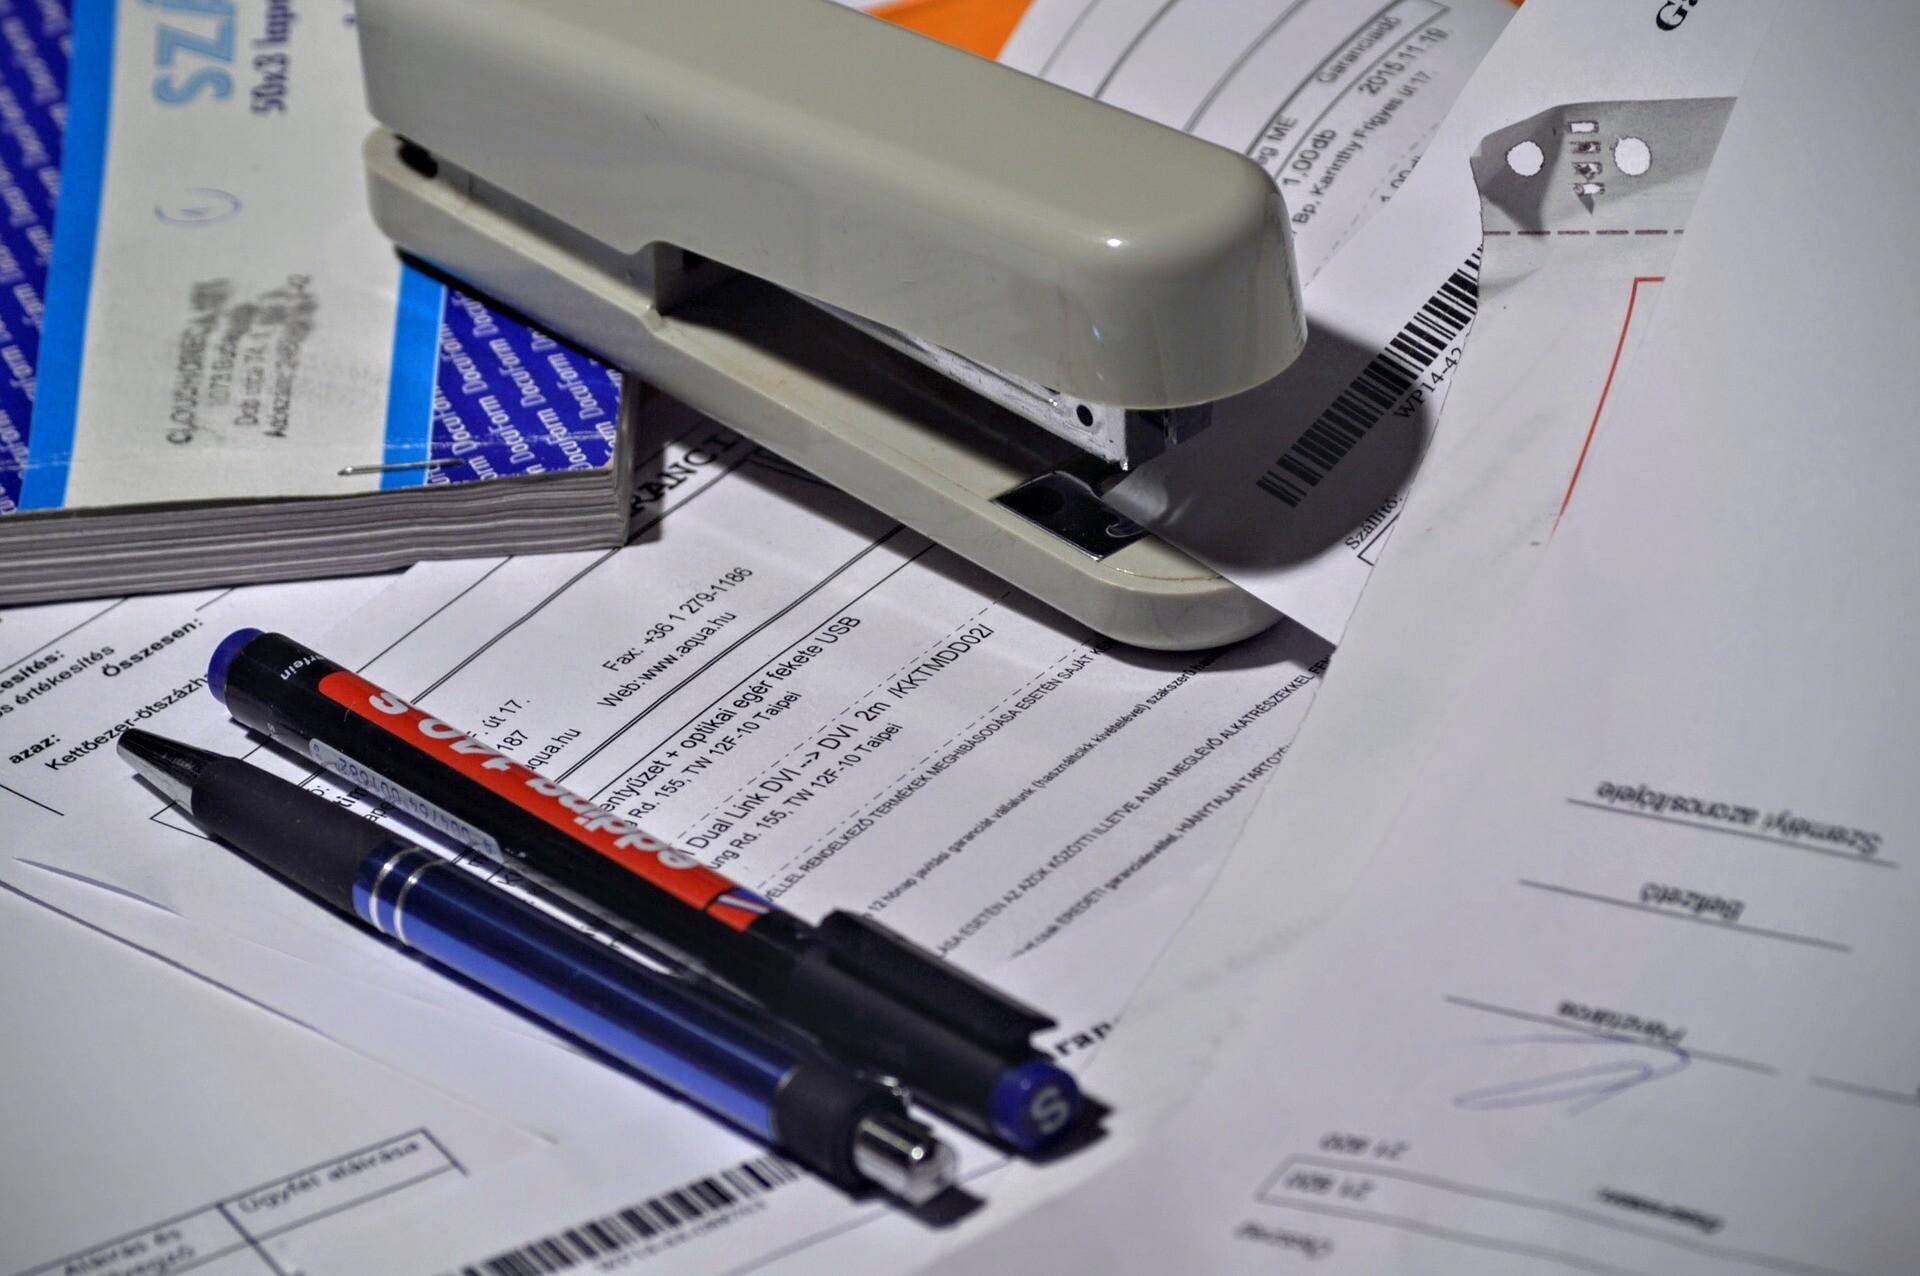 Fiscal: Fim dos Boletos sem Registro